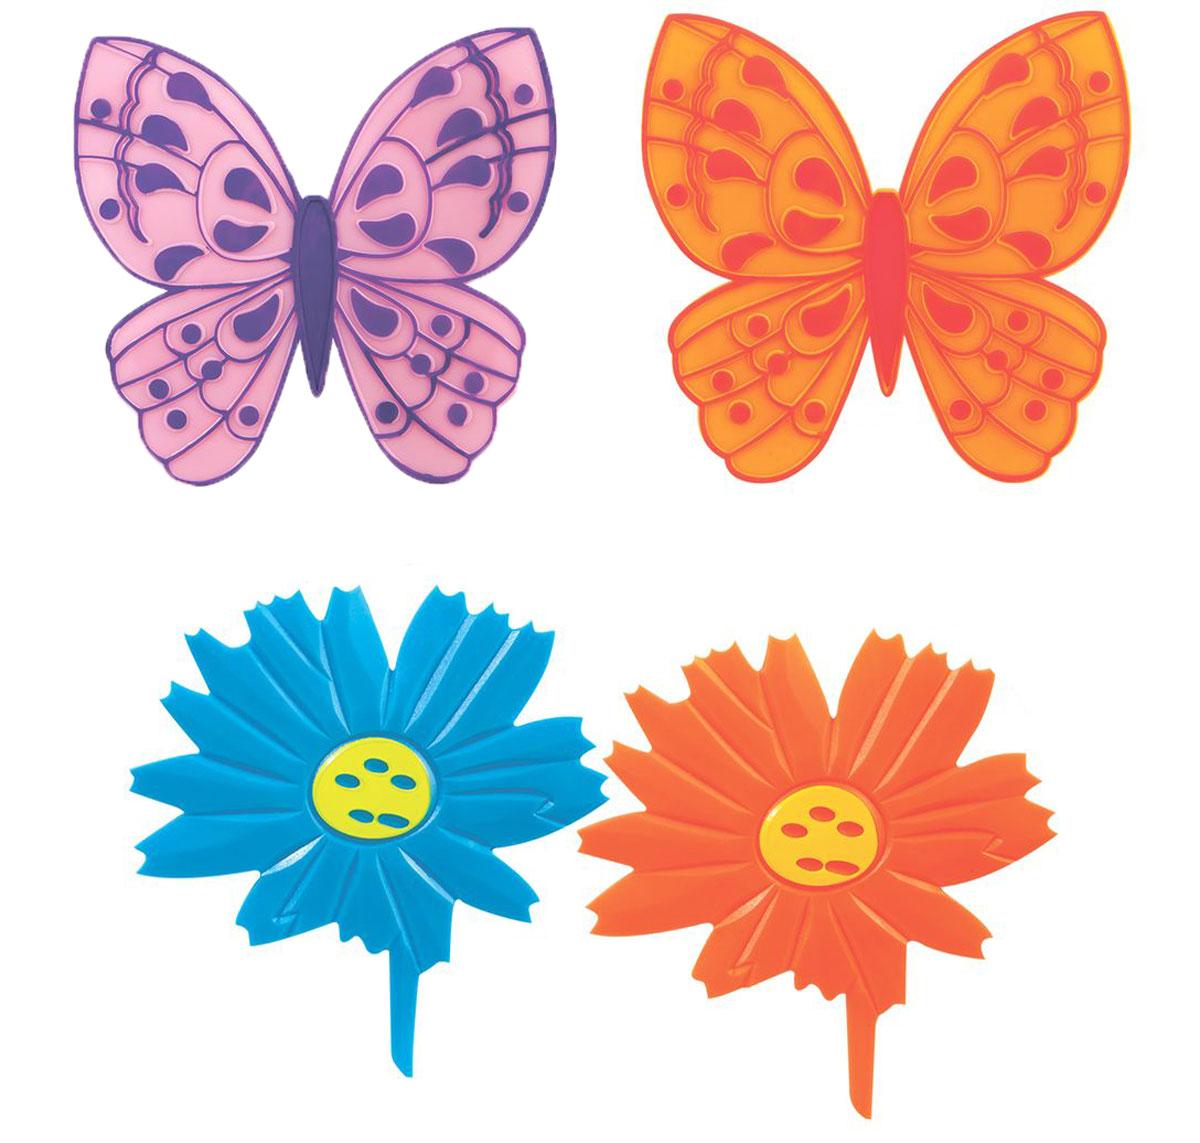 Valiant Мини-коврик для ванной комнаты Бабочки и цветочки на присосках 4 шт